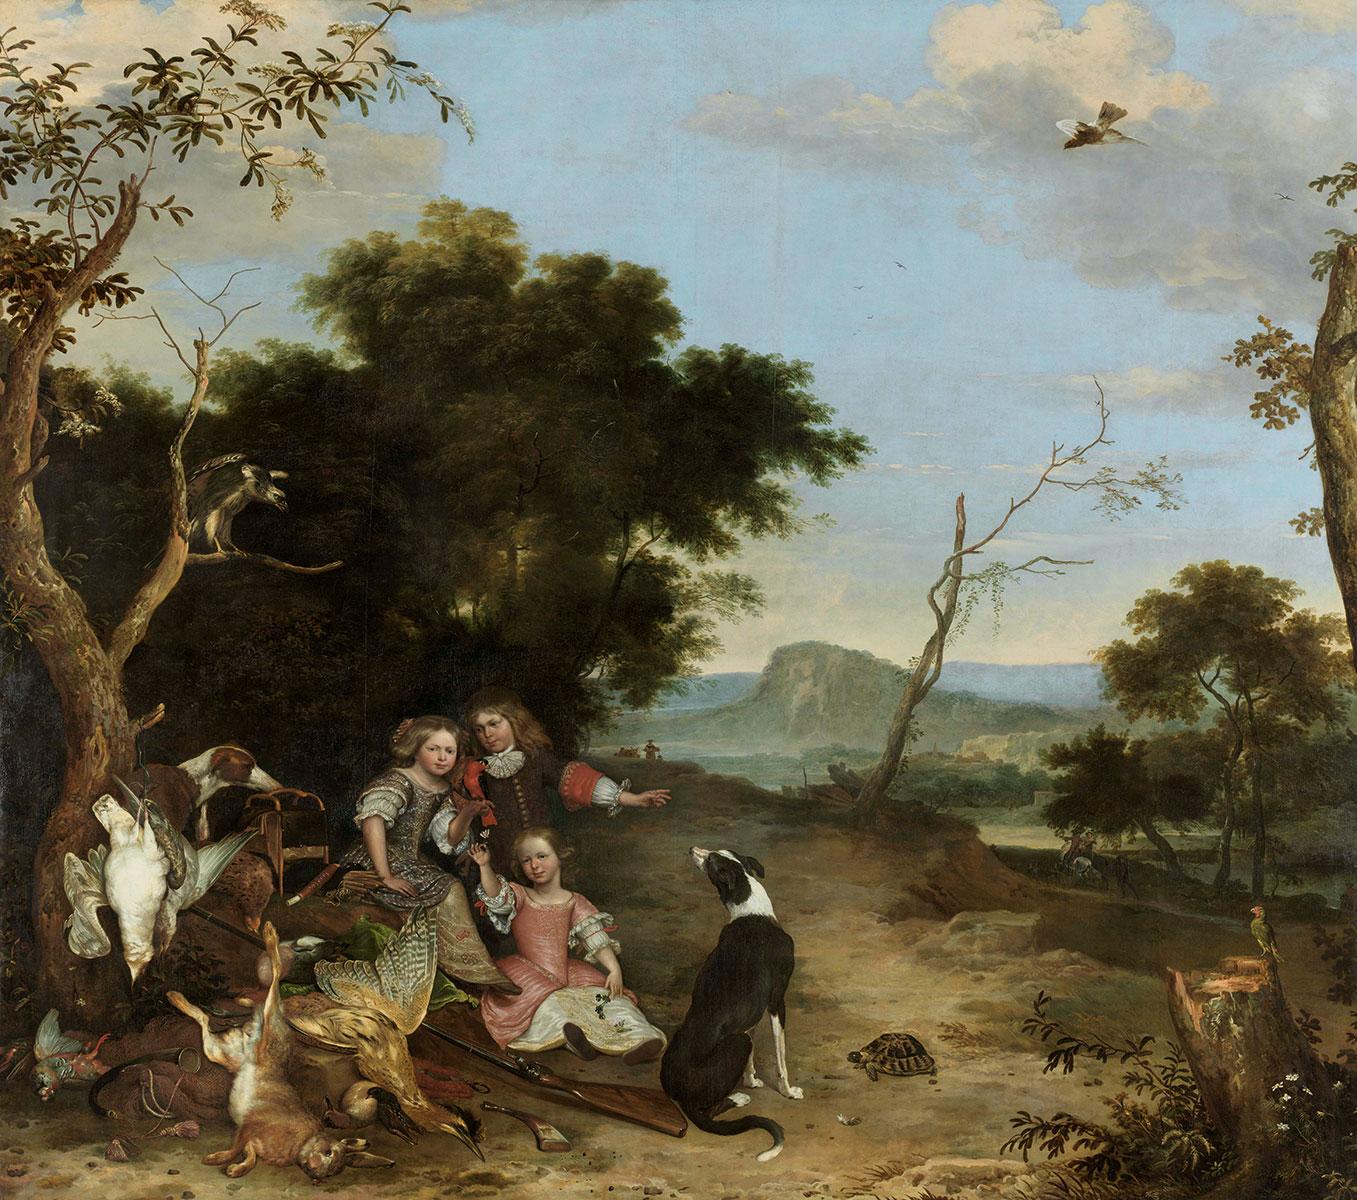 Melchior d'Hondecoeter, Bildnis von drei Kindern in einer Landschaft mit Jagdbeute, um 1670, 341,5×386 cm; Alte Pinakothek, München © Bayerische Staatsgemäldesammlungen, Alte Pinakothek, München